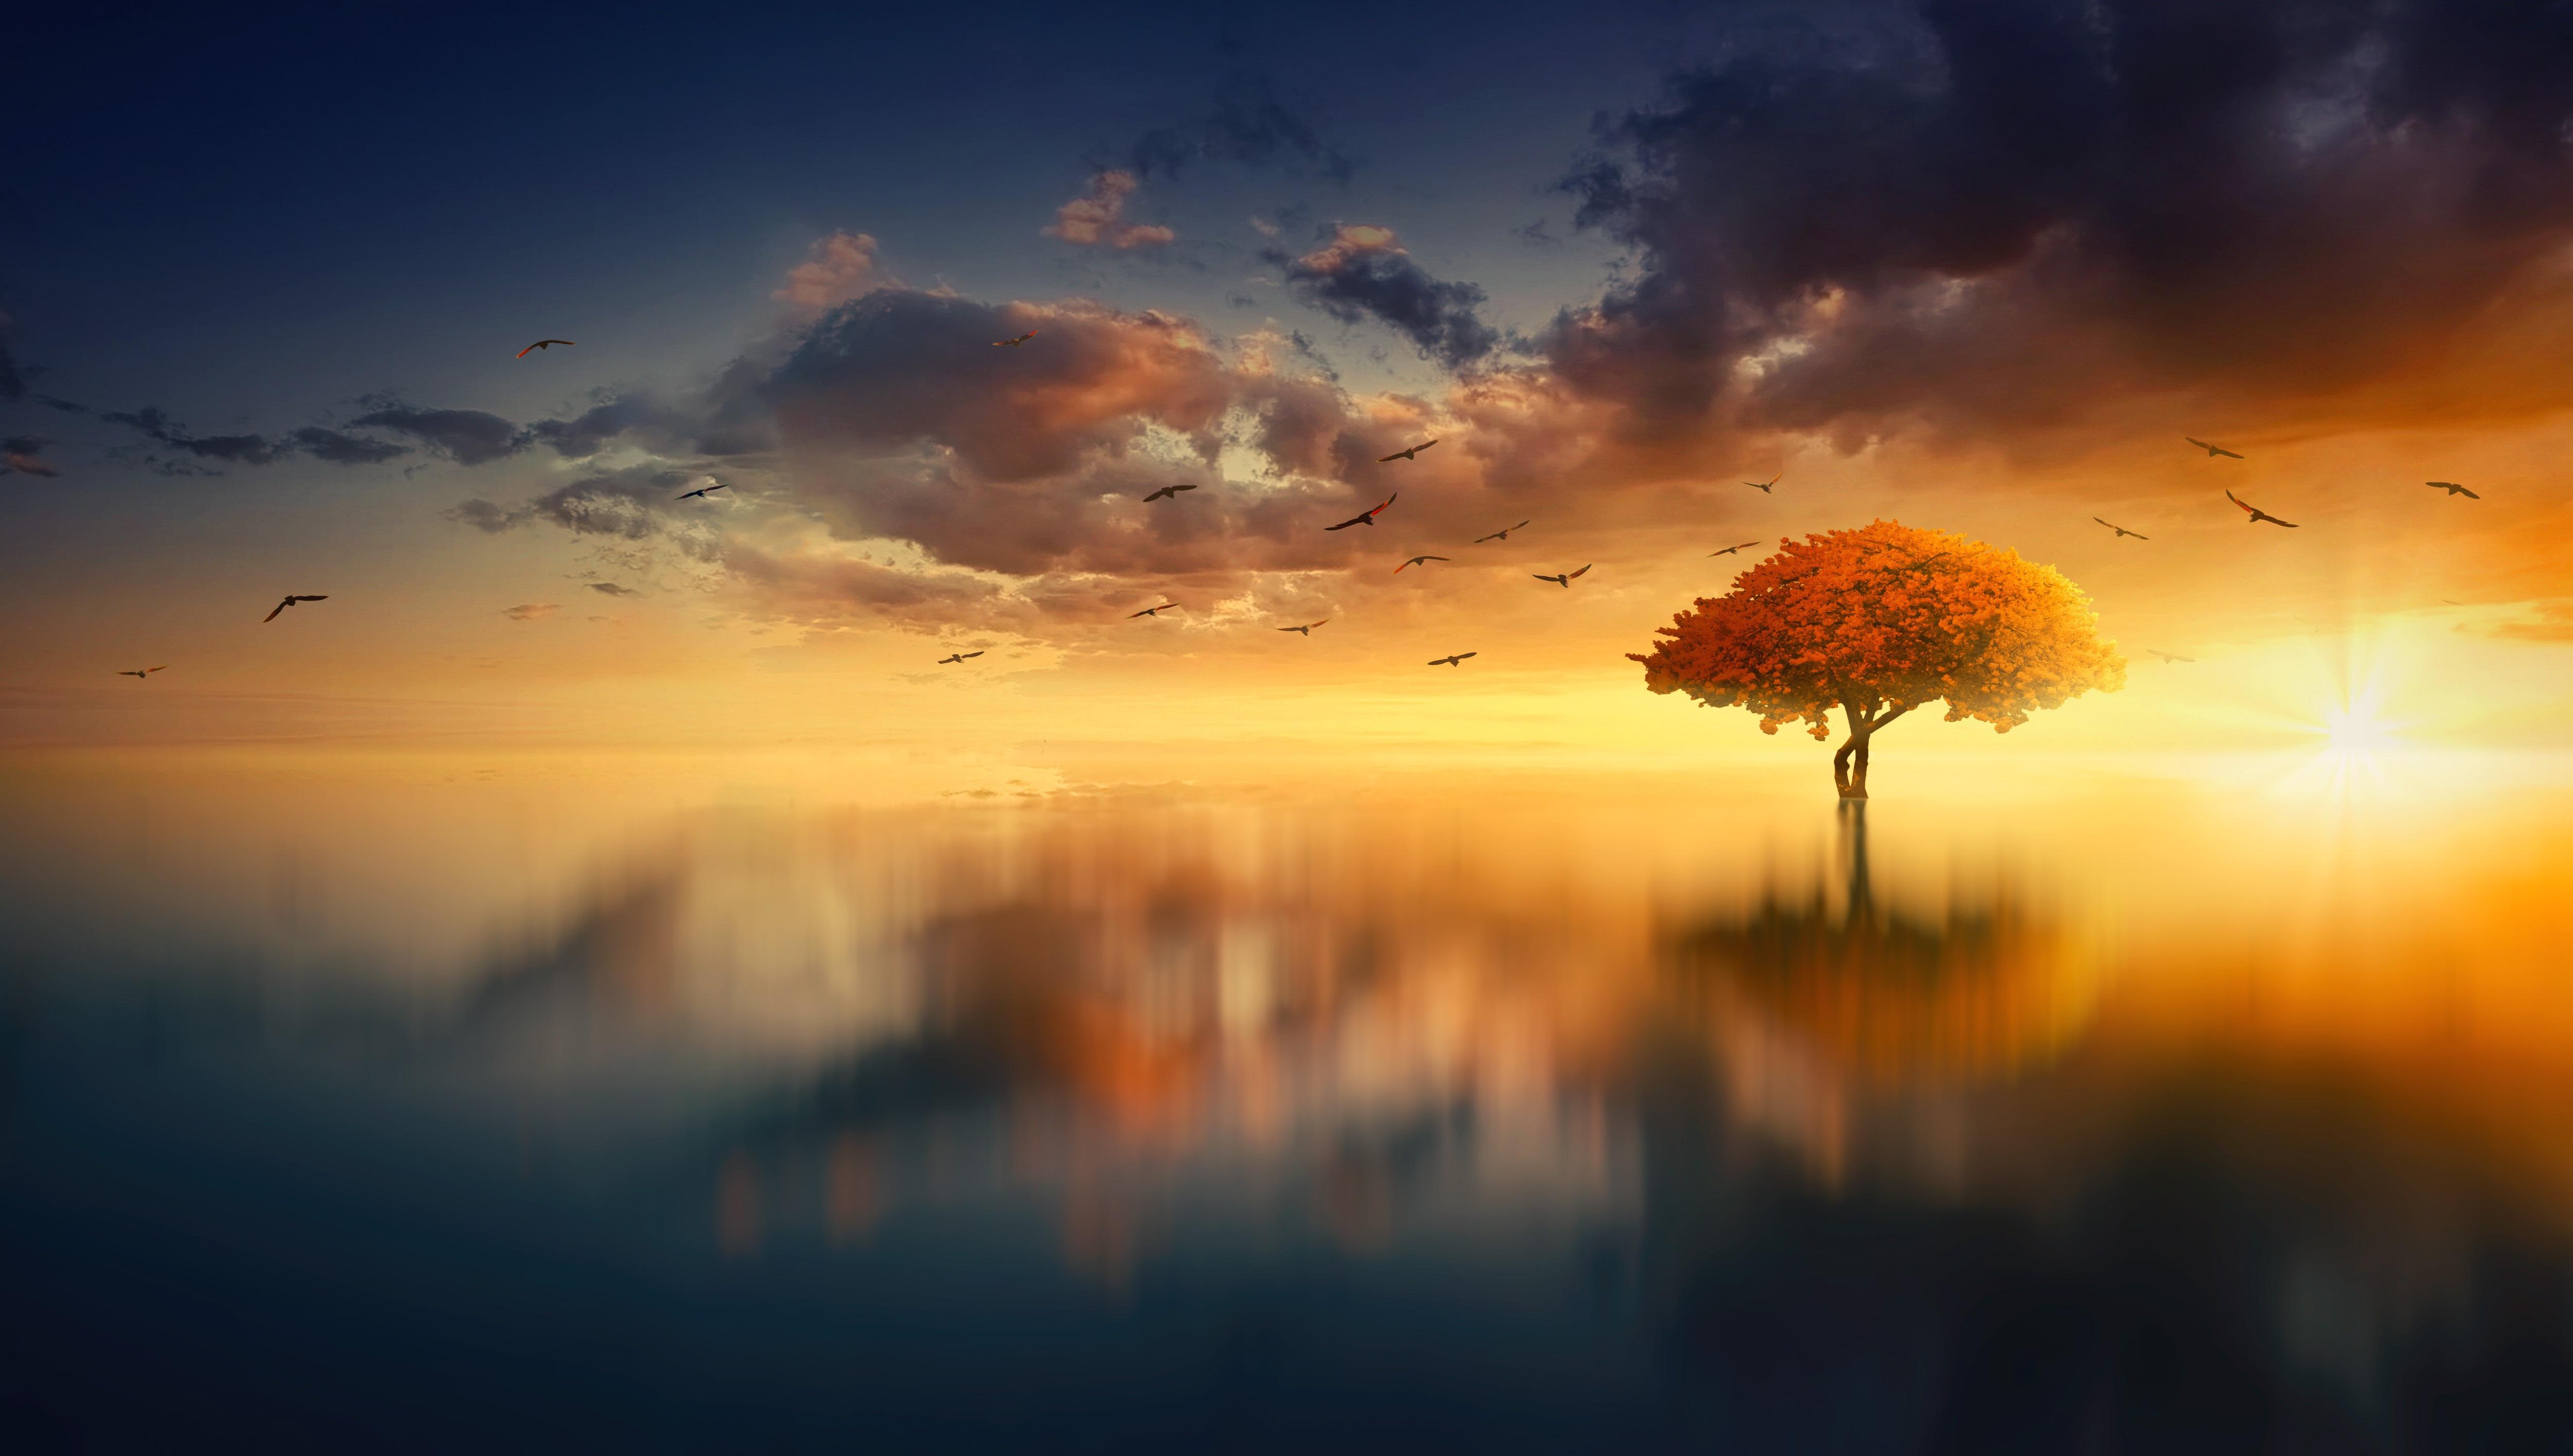 137515壁紙のダウンロード自然, 木材, 木, 地平線, 日没, Photoshop, フォトショップ, 海-スクリーンセーバーと写真を無料で